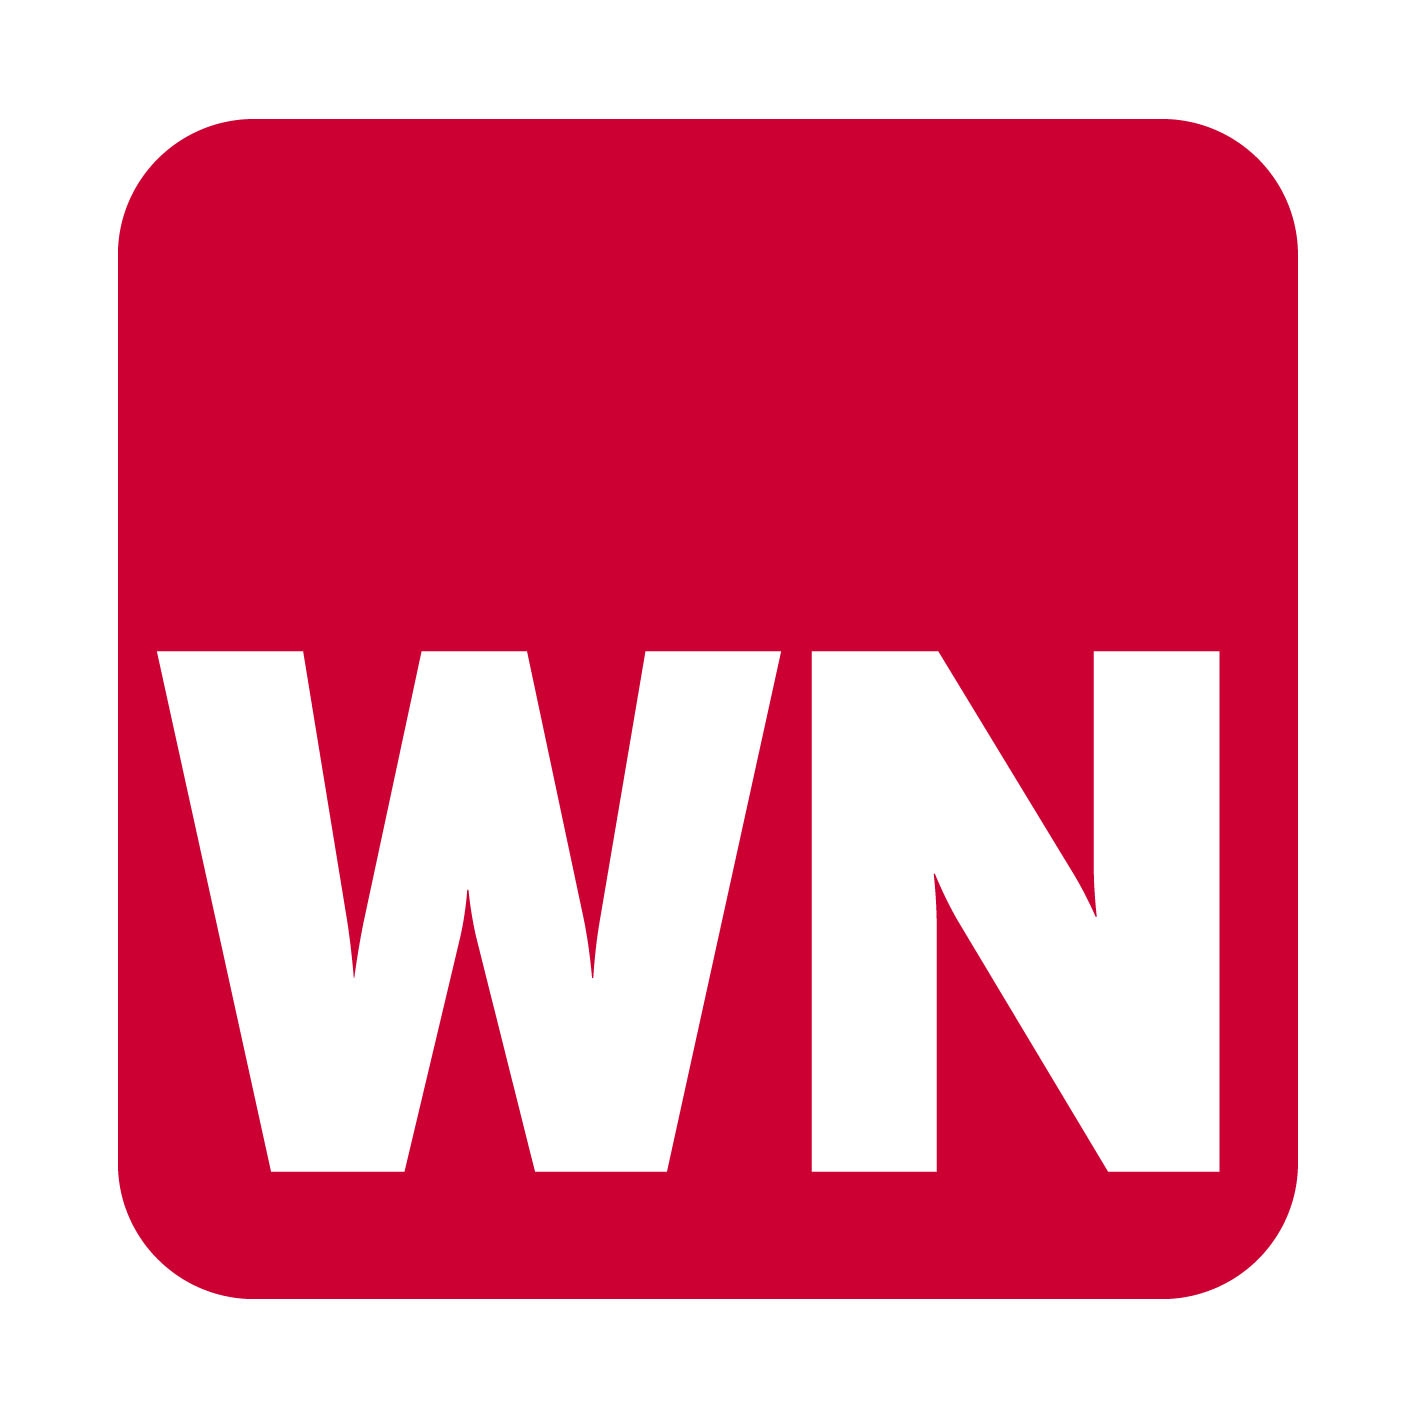 Deutsche-Politik-News.de | Westfälische Nachrichten